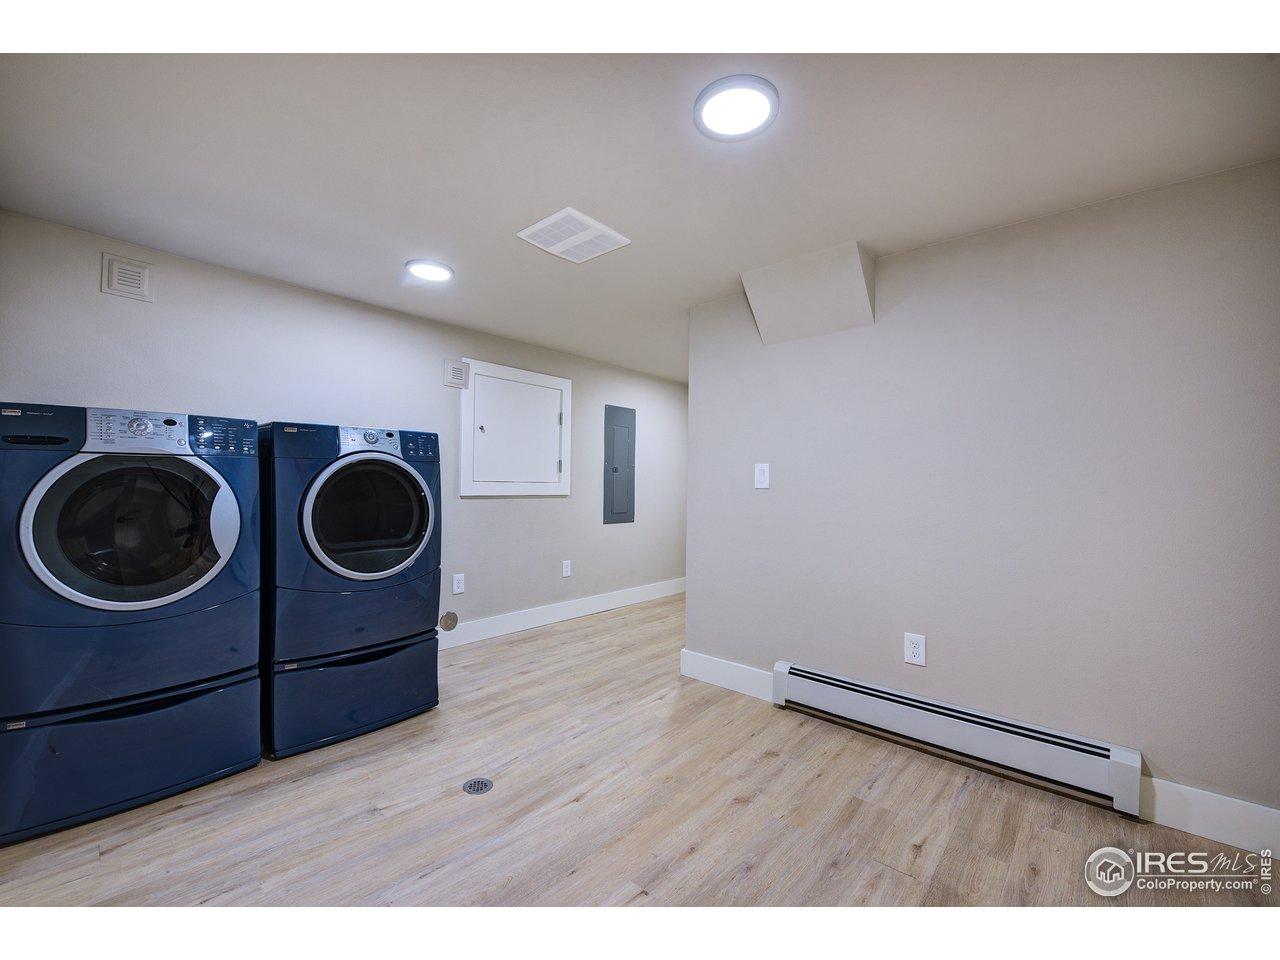 Large finished laundery room